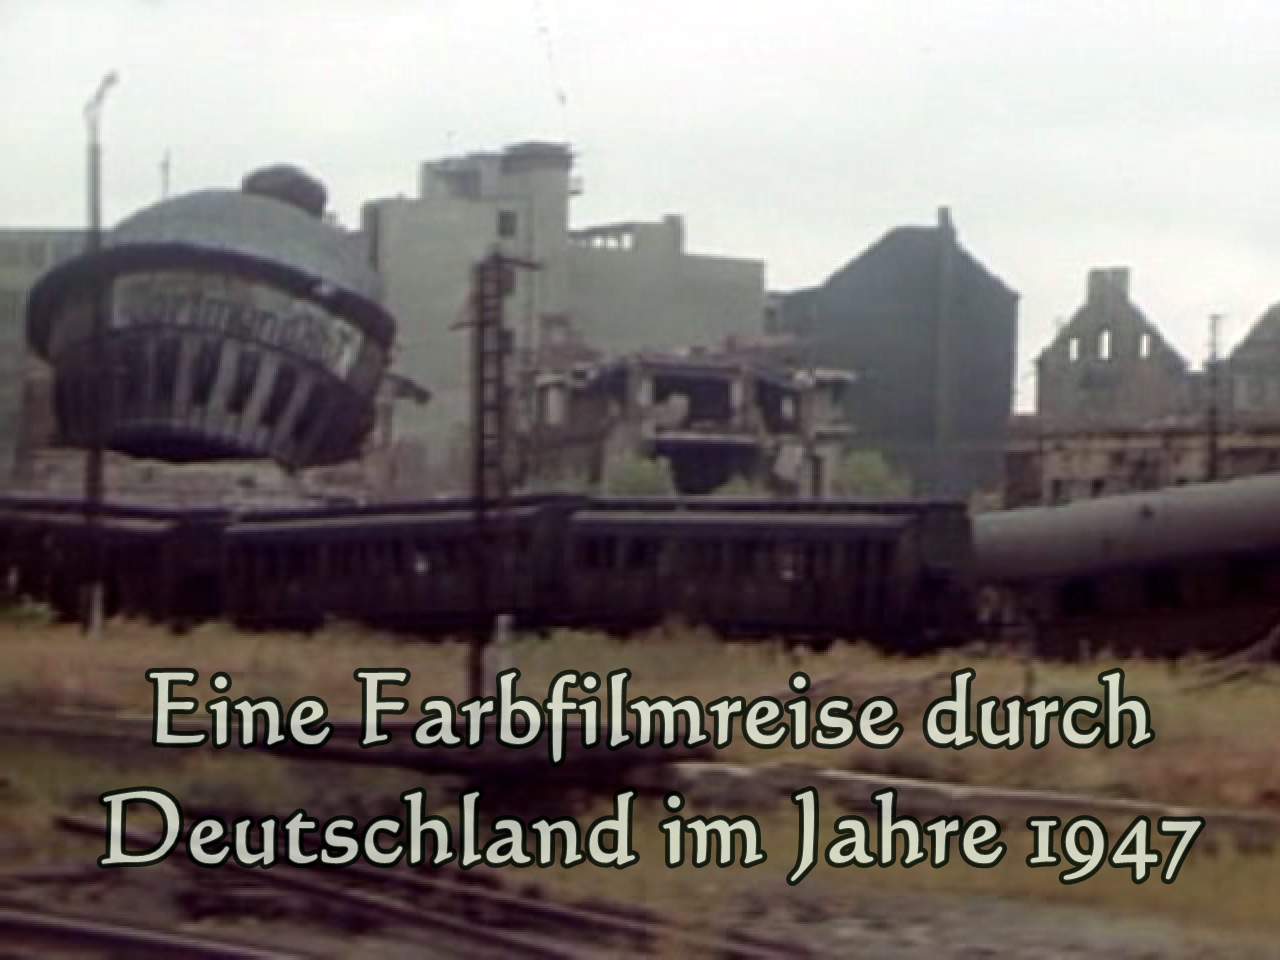 Eine Farbfilmreise durch Ruhrgebiet, Rheinland, Bayern und Berlin im Jahre 1947